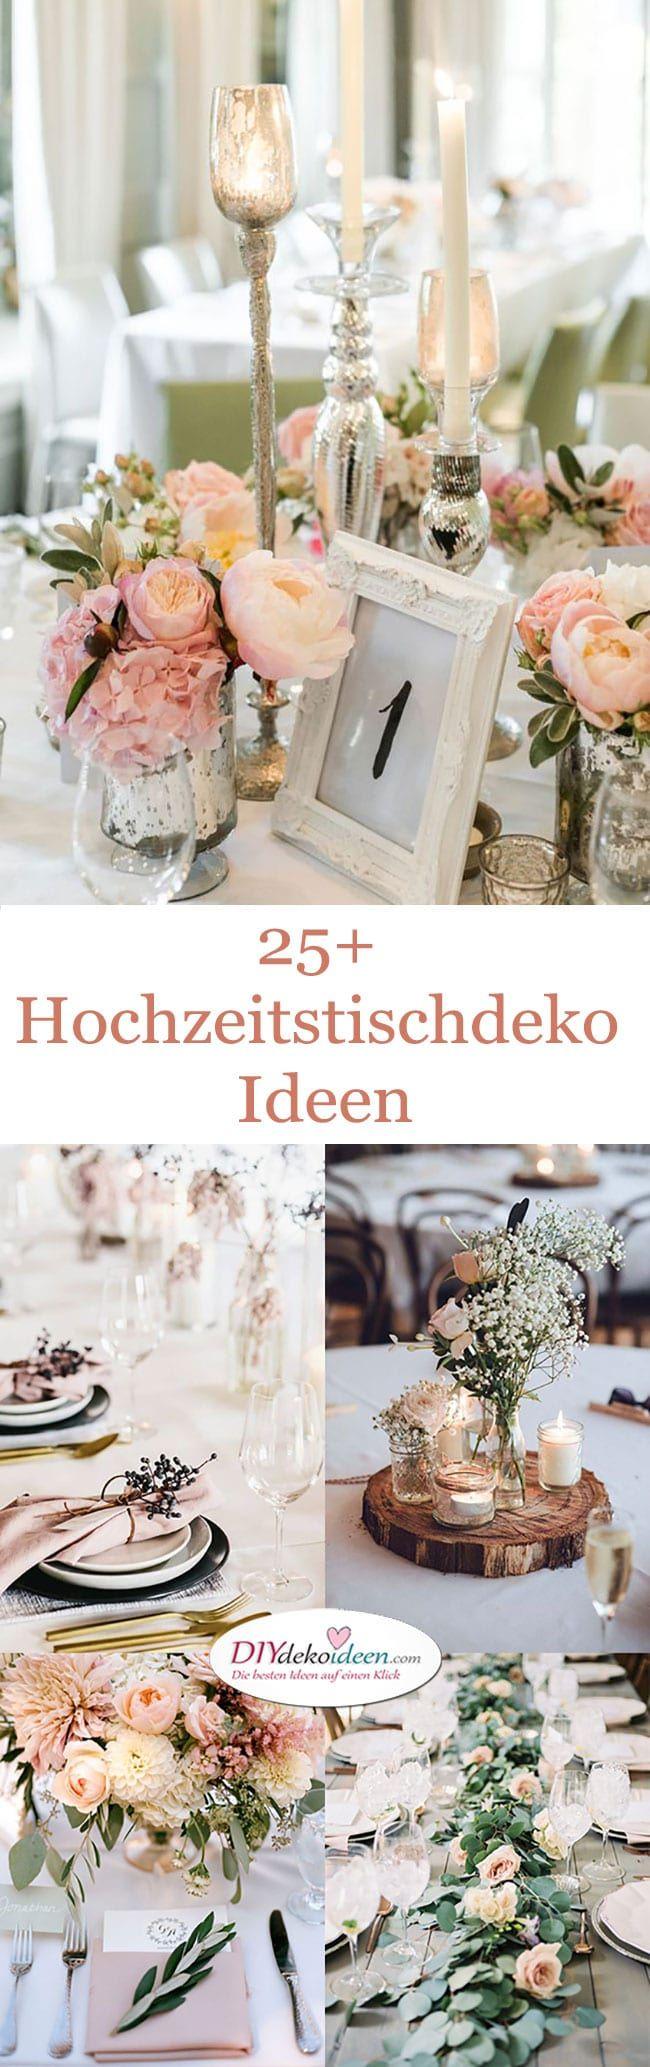 Hochzeitstischdeko Ideen fr deine Hochzeitsplanung